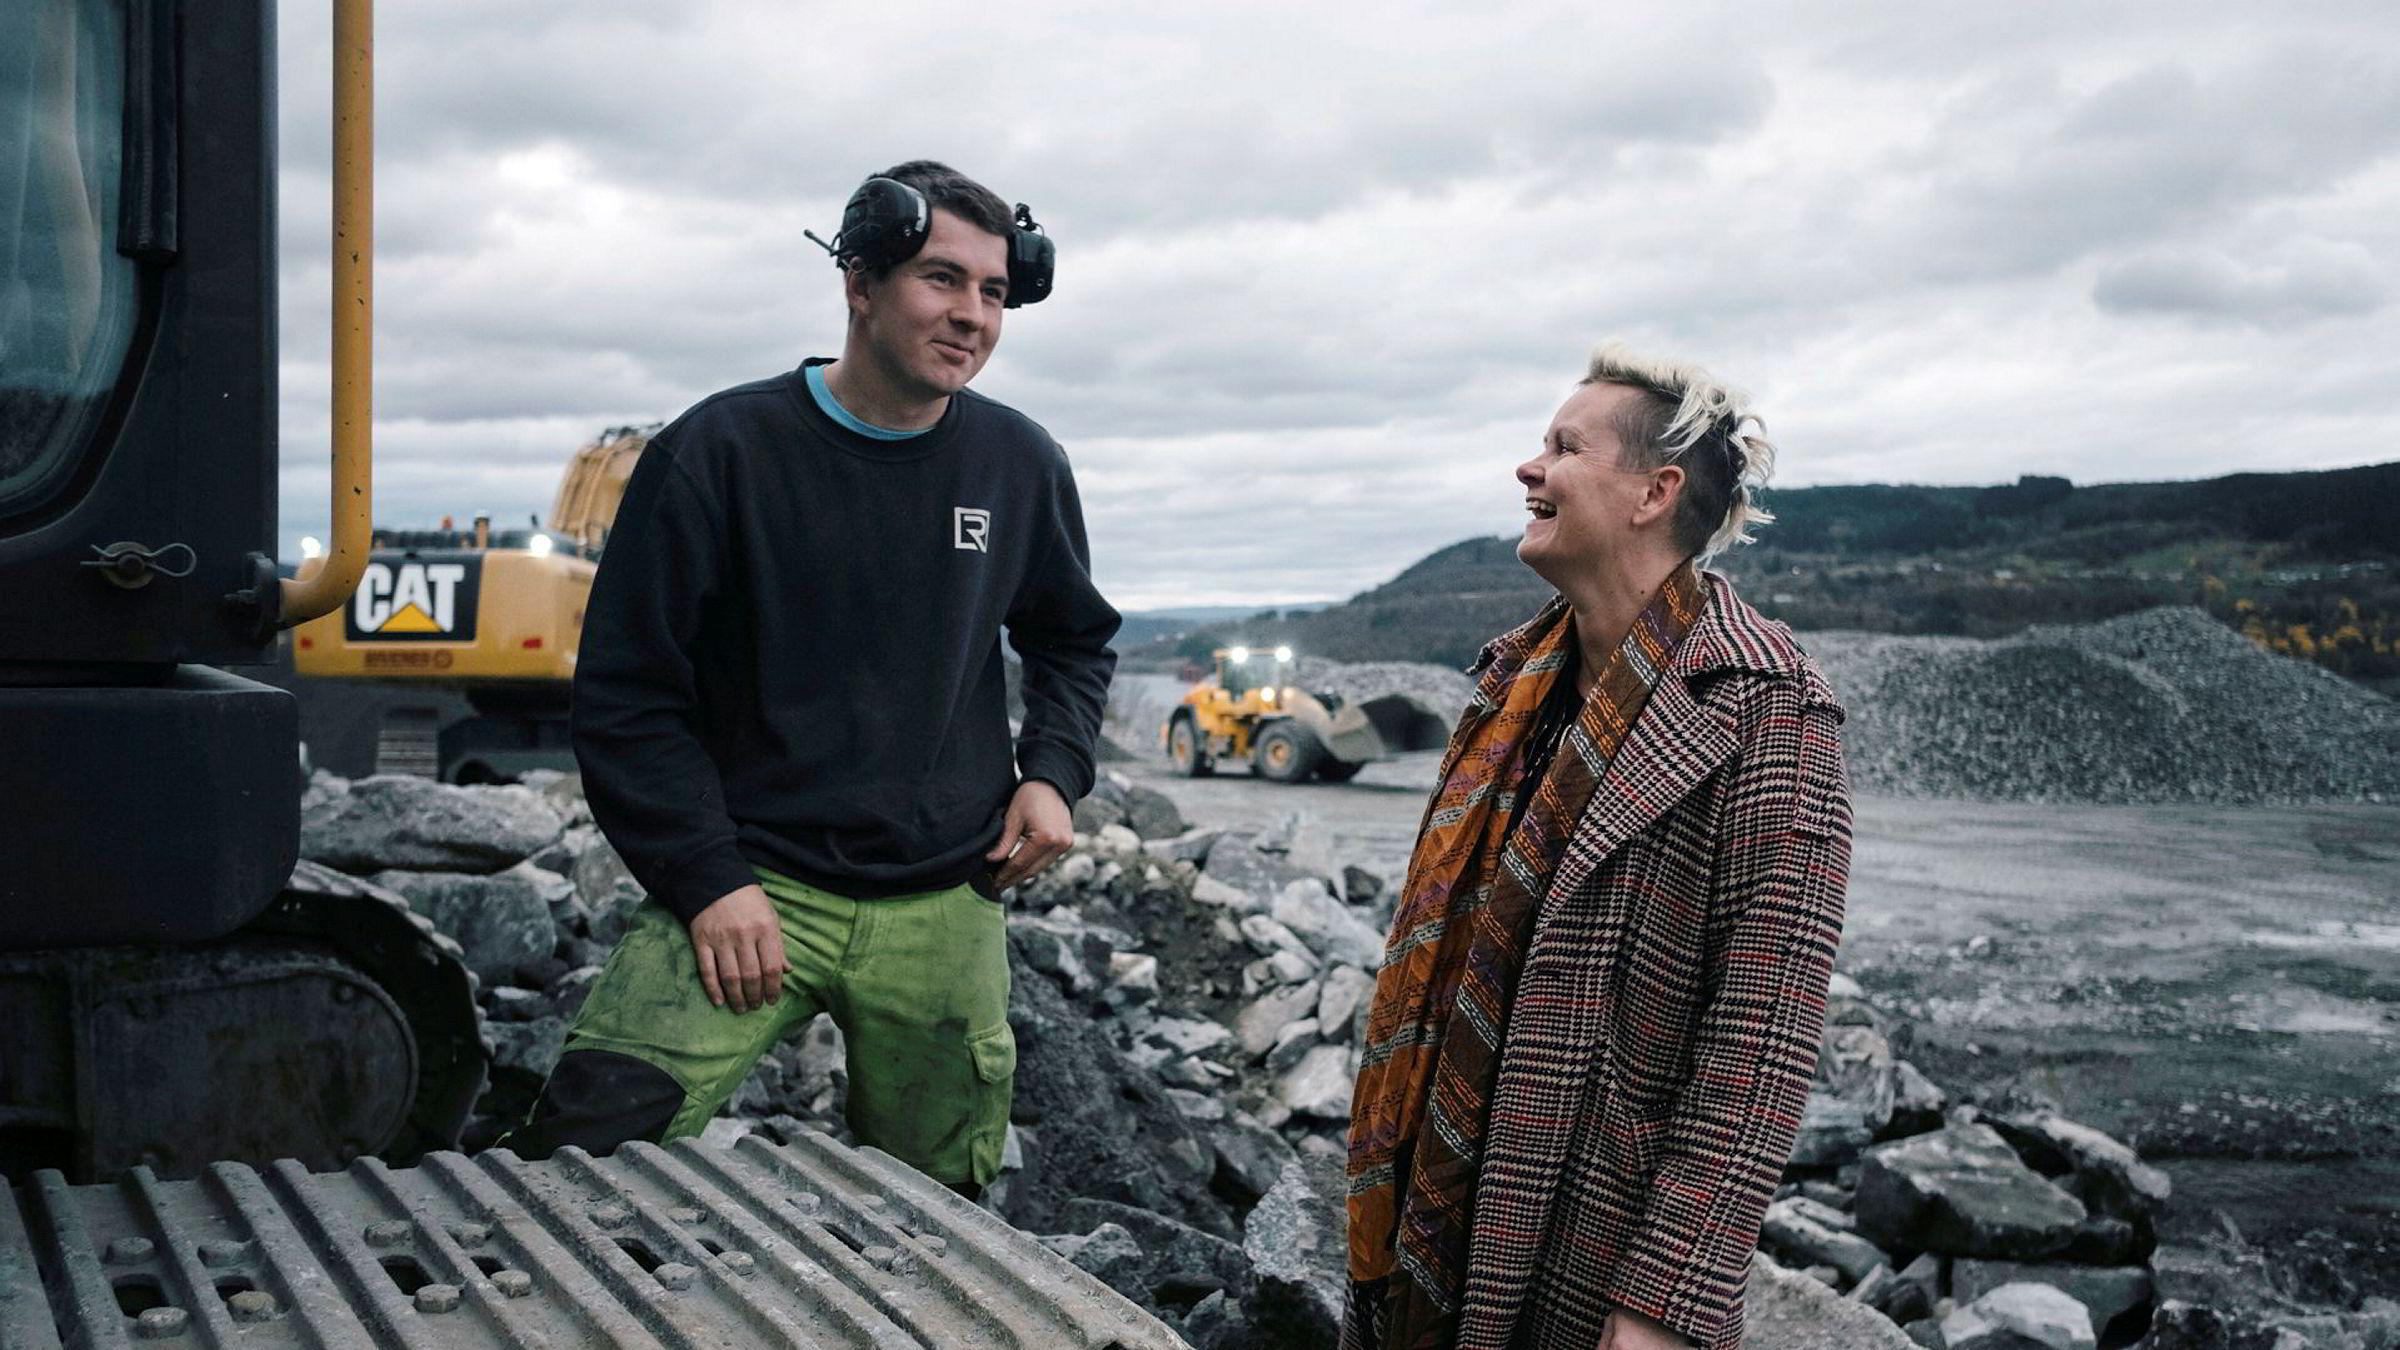 Daglig leder Bente Lorentzen er sjef i en mannsdominert bedrift i en mannsdominert bransje. Her er hun på bedriftens mobile knuseverk på Hylkje utenfor Bergen. Gravemaskinfører Martin Steinestø, til venstre, slår av en prat med sjefen.